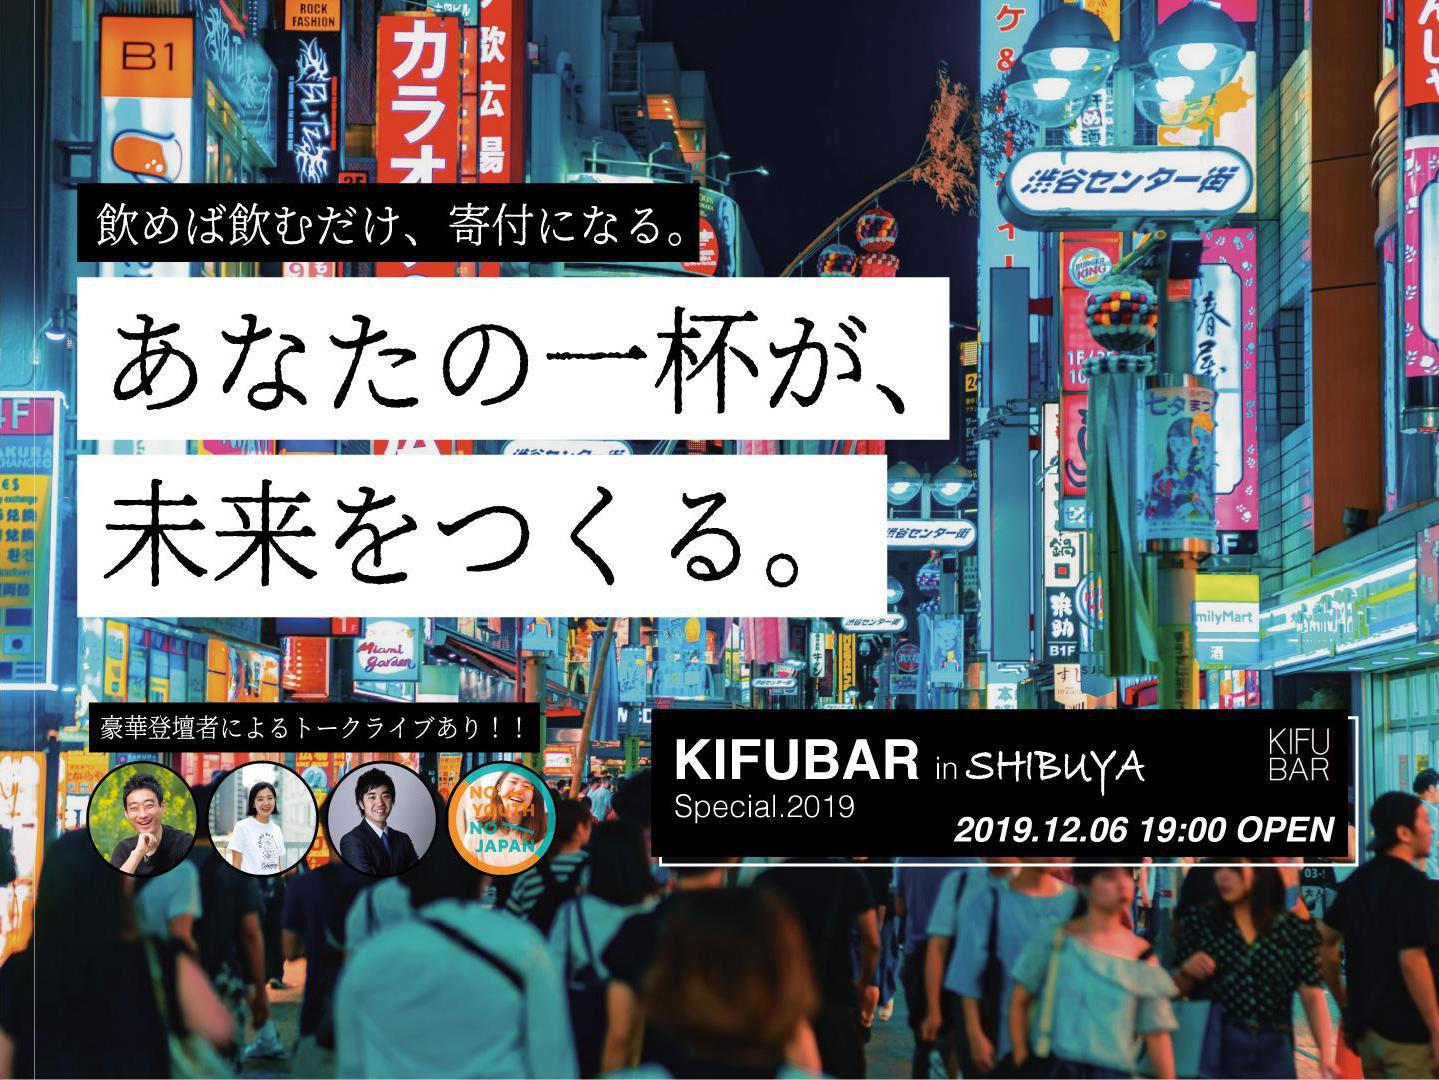 banner_43_02-2019-11-09-043227.jpg